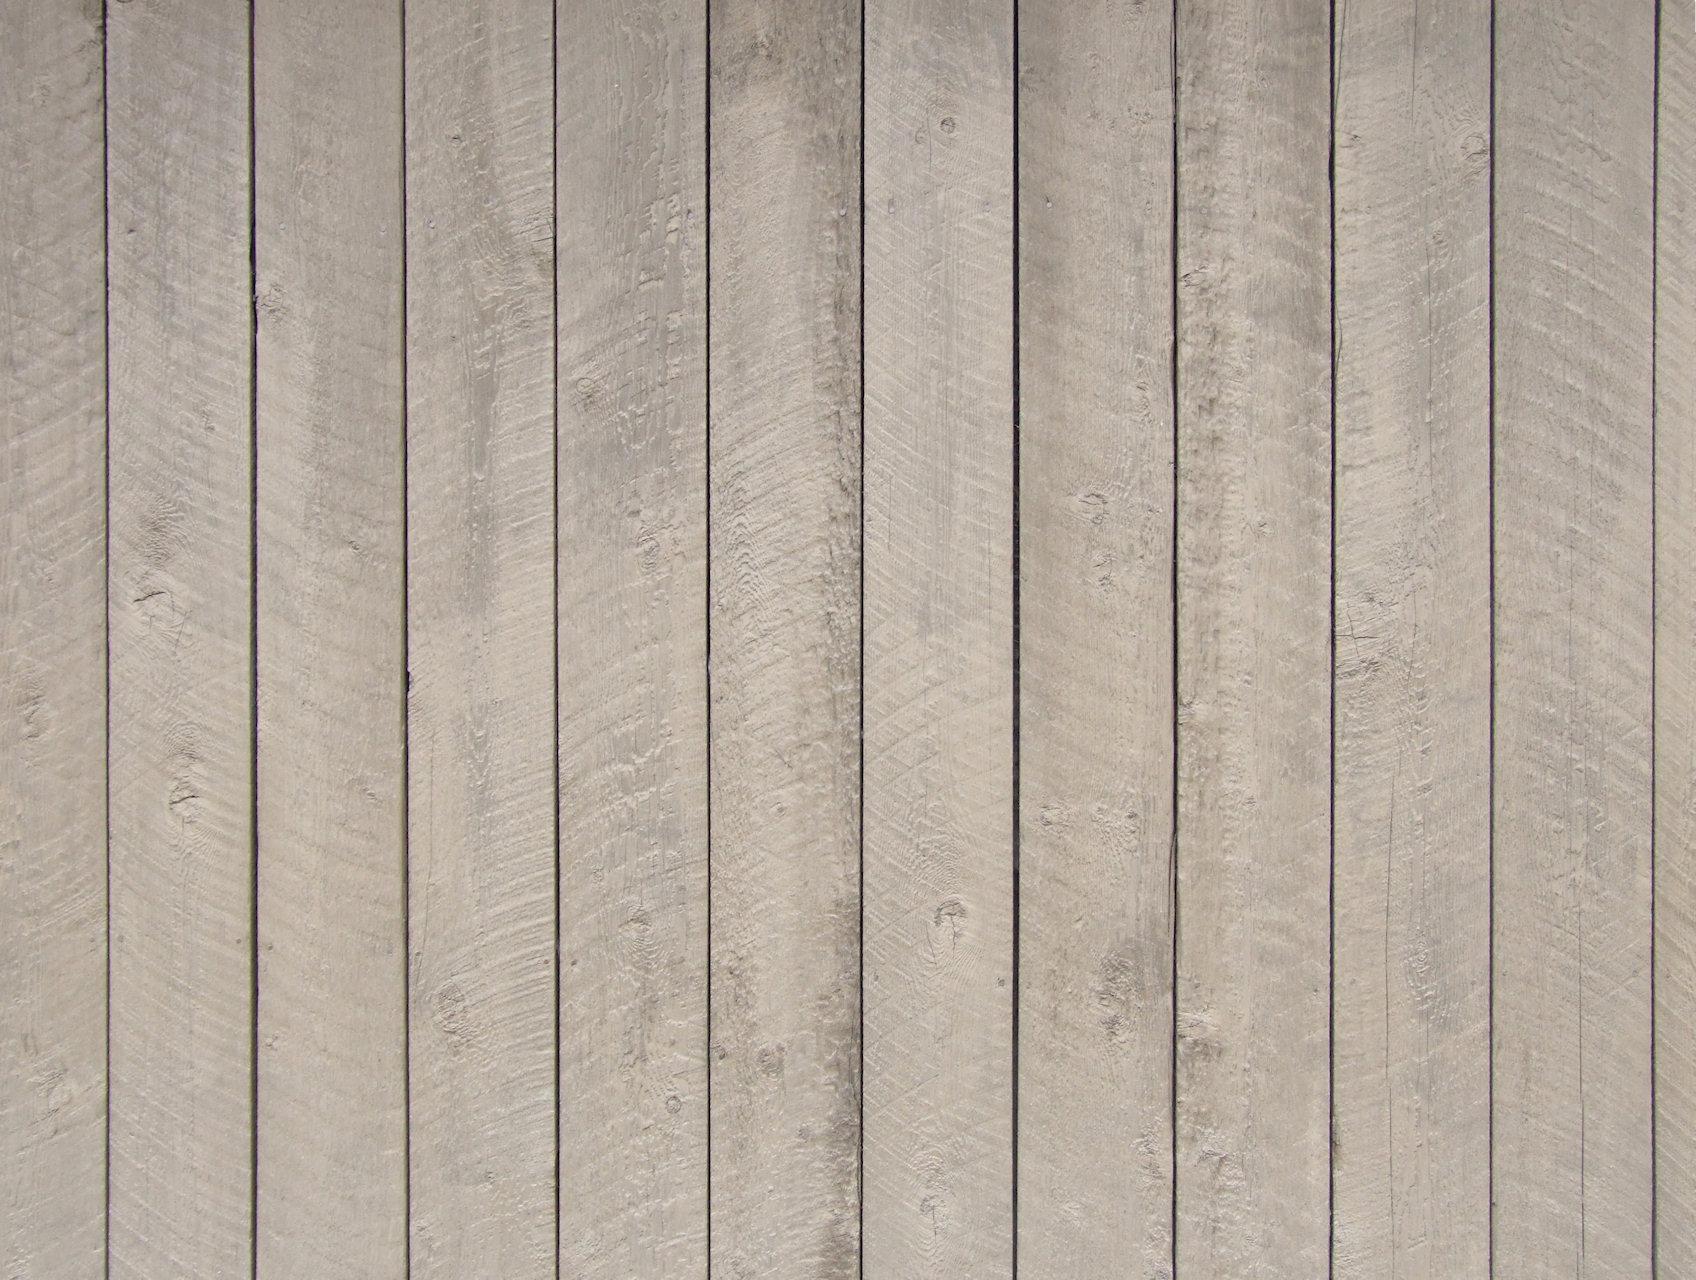 wood wall texture 0008 1696x1280